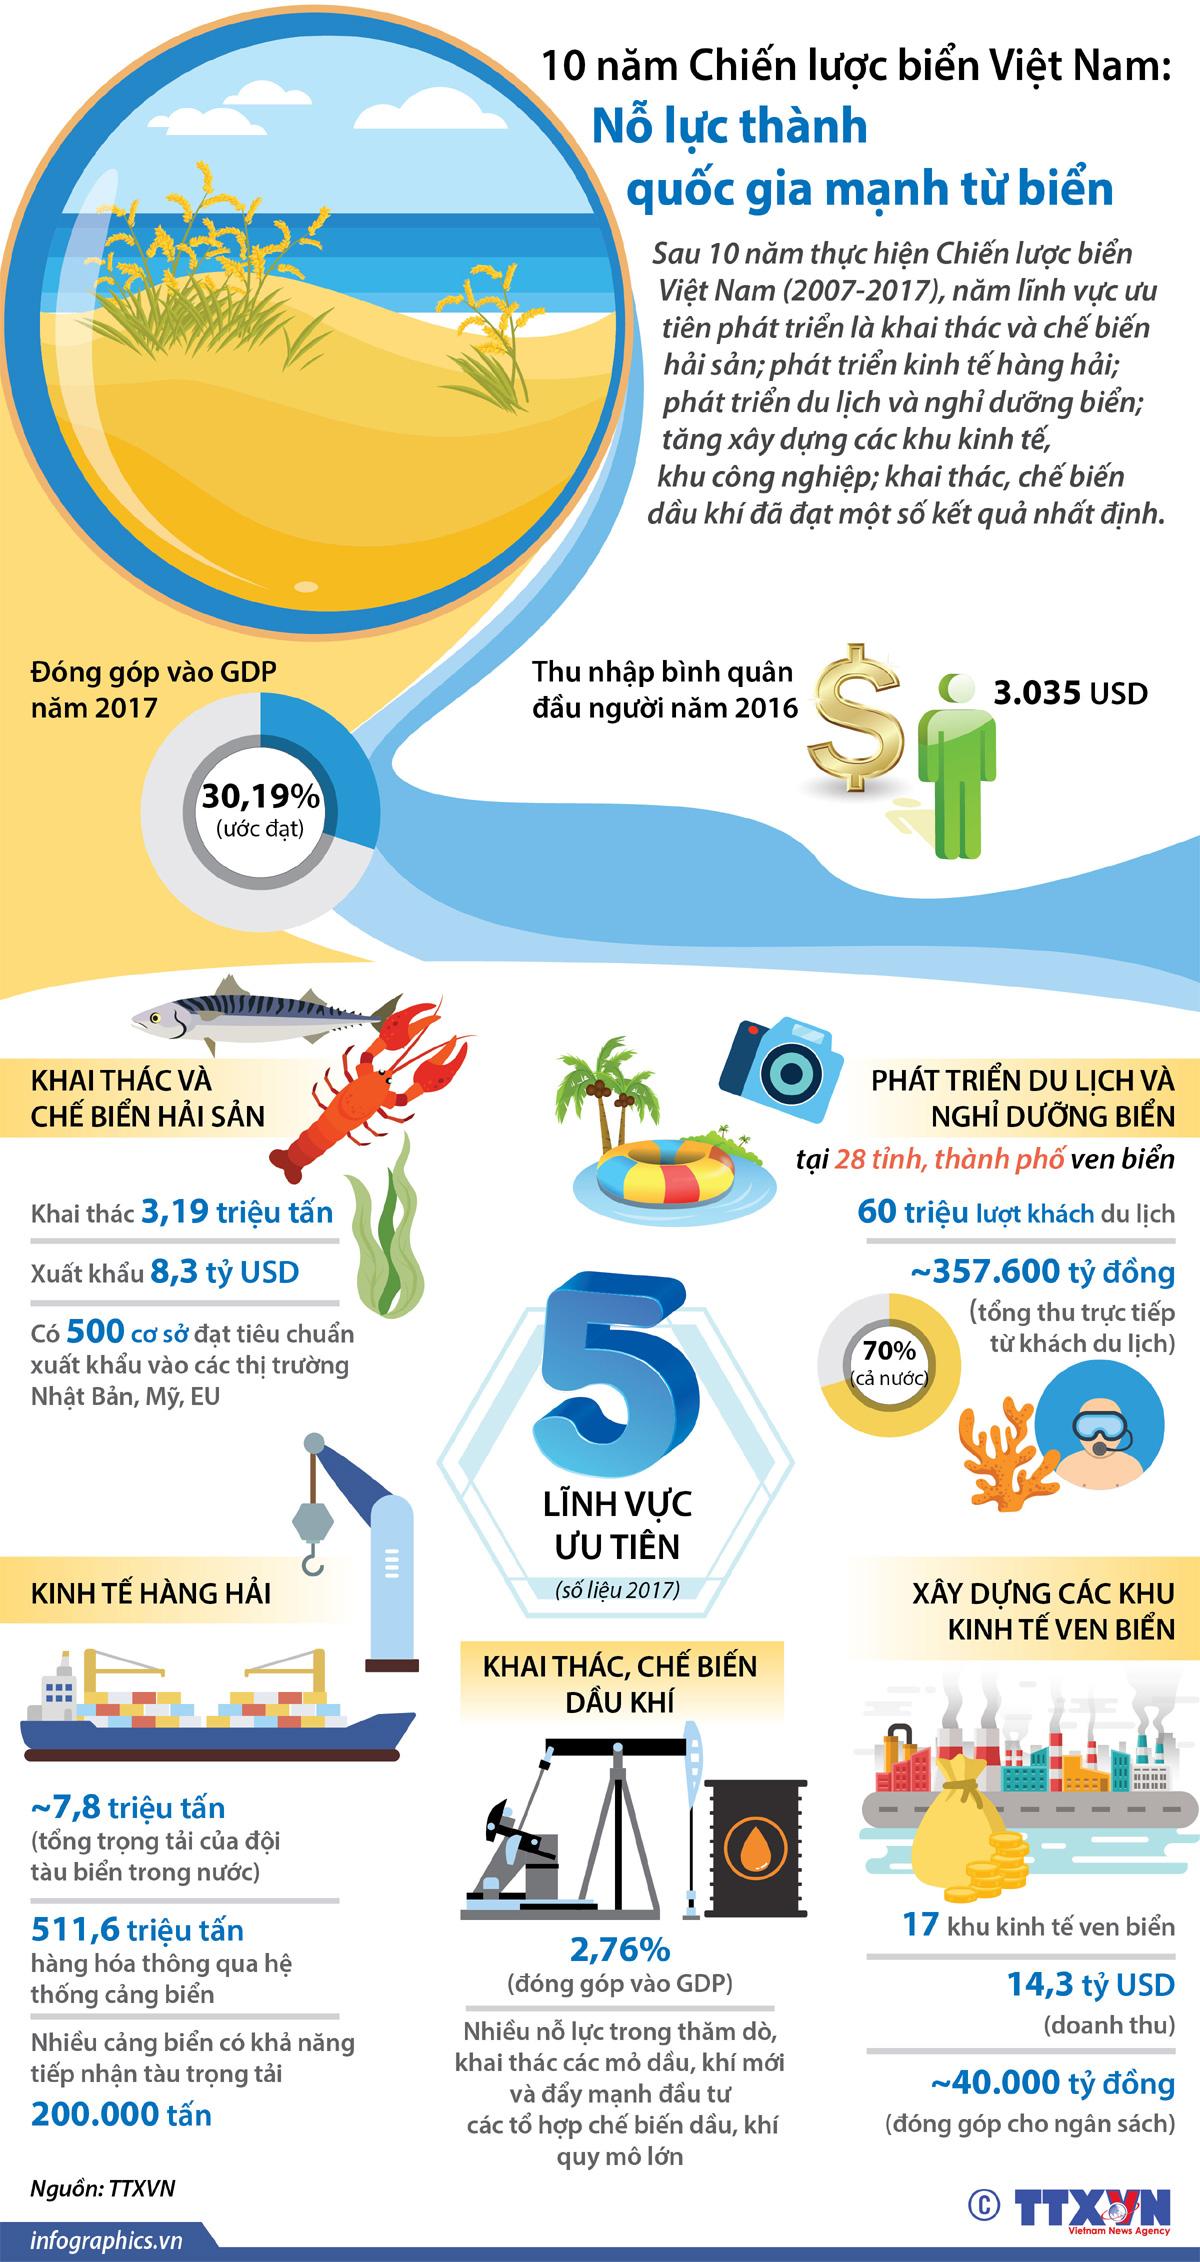 Chiến lược biển Việt Nam, Nỗ lực, quốc gia mạnh từ biển, khai thác và chế biến hải sản, phát triển kinh tế, phát triển du lịch, nghỉ dưỡng